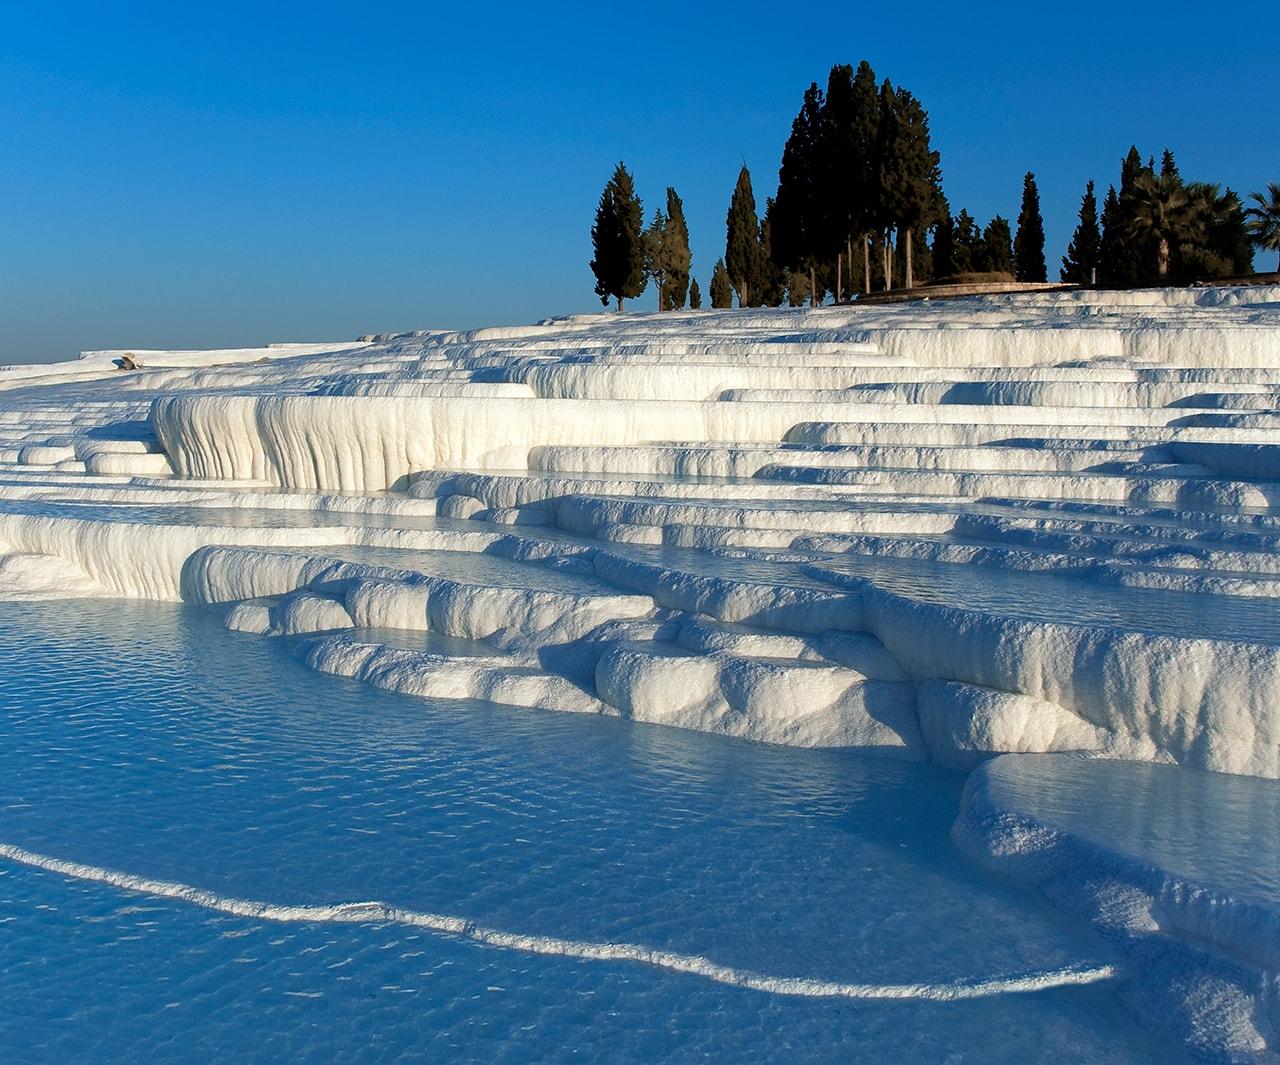 上图:老底嘉附近希拉波利斯温泉形成的棉花堡(Pamukkale)景观。